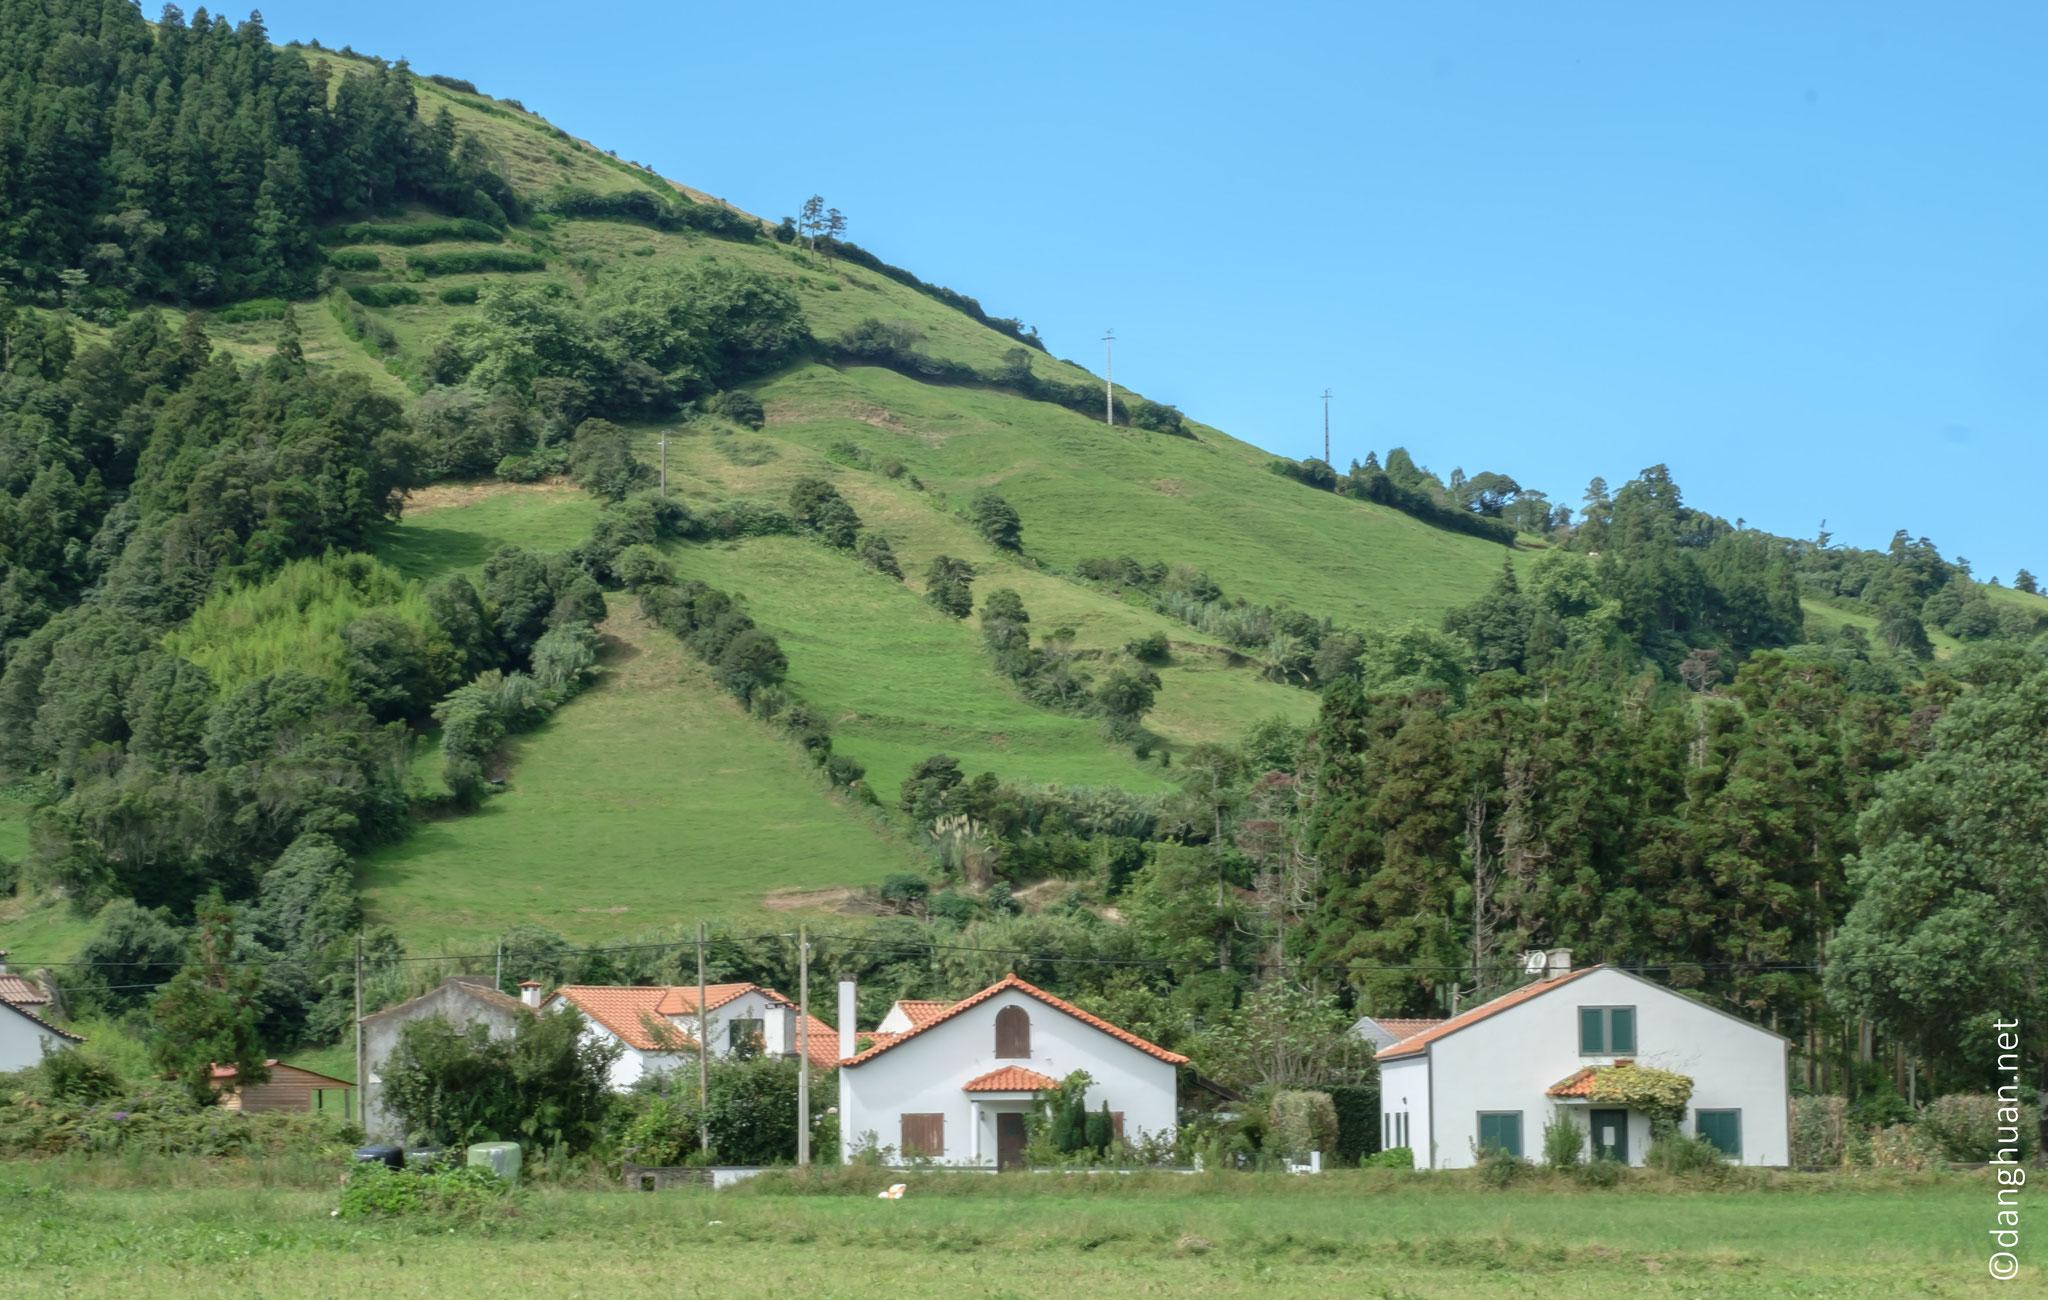 Caldeira de Sete Cidades- village